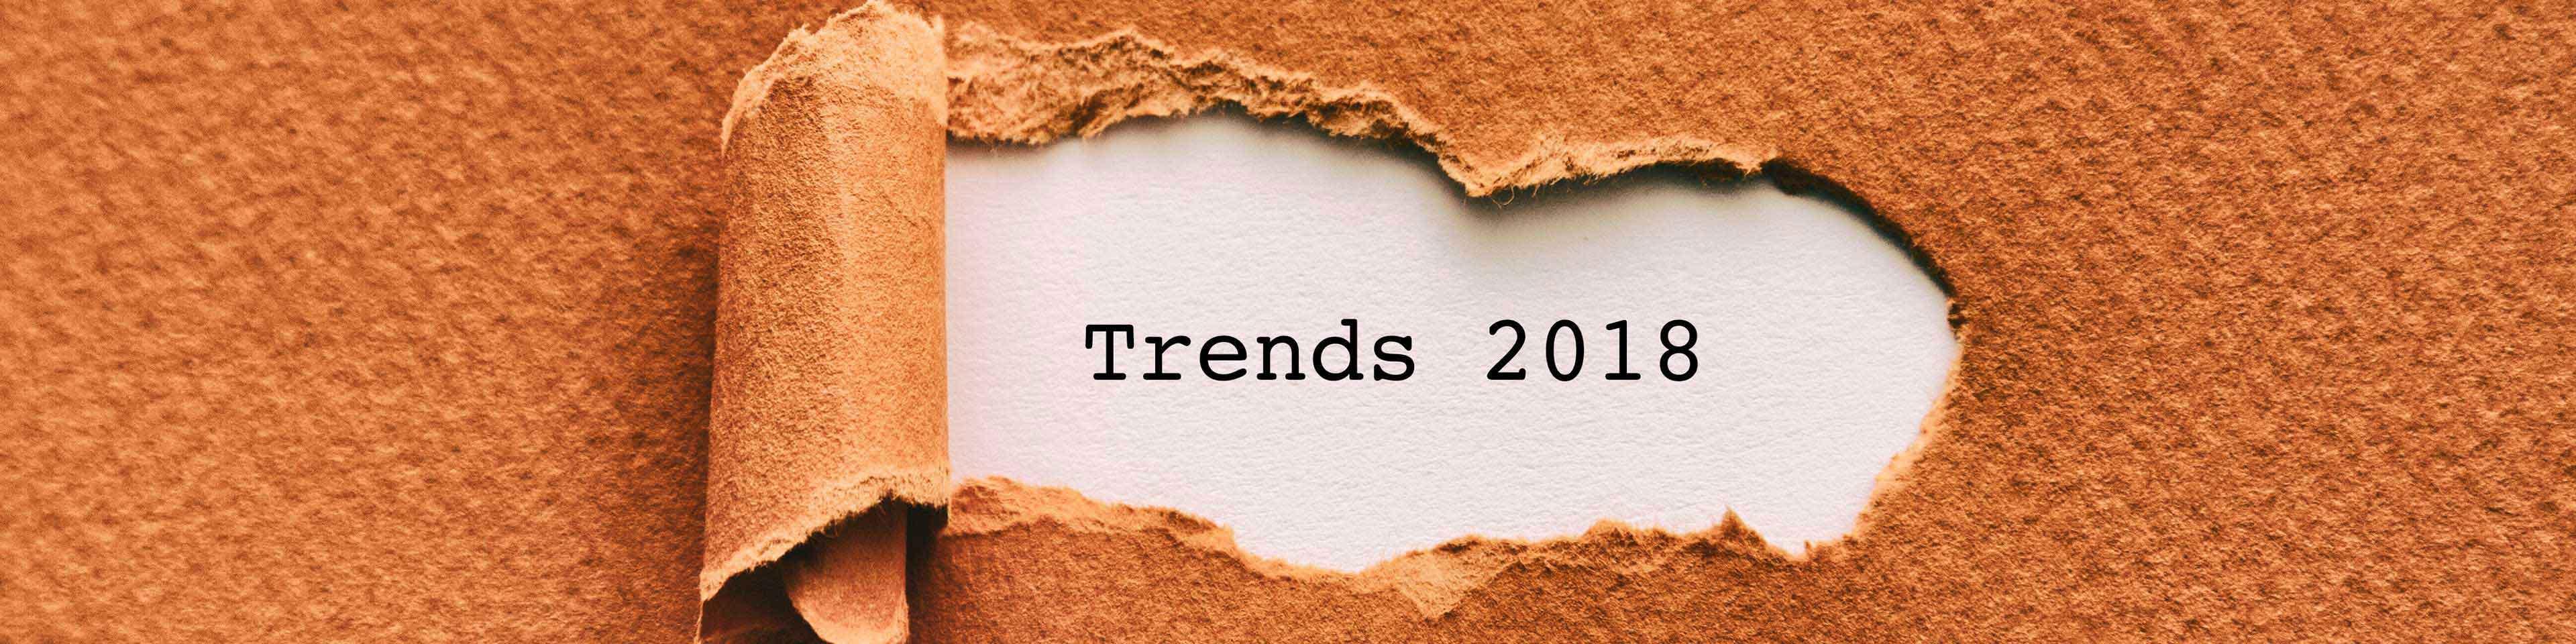 Legisway_legal trends 2018